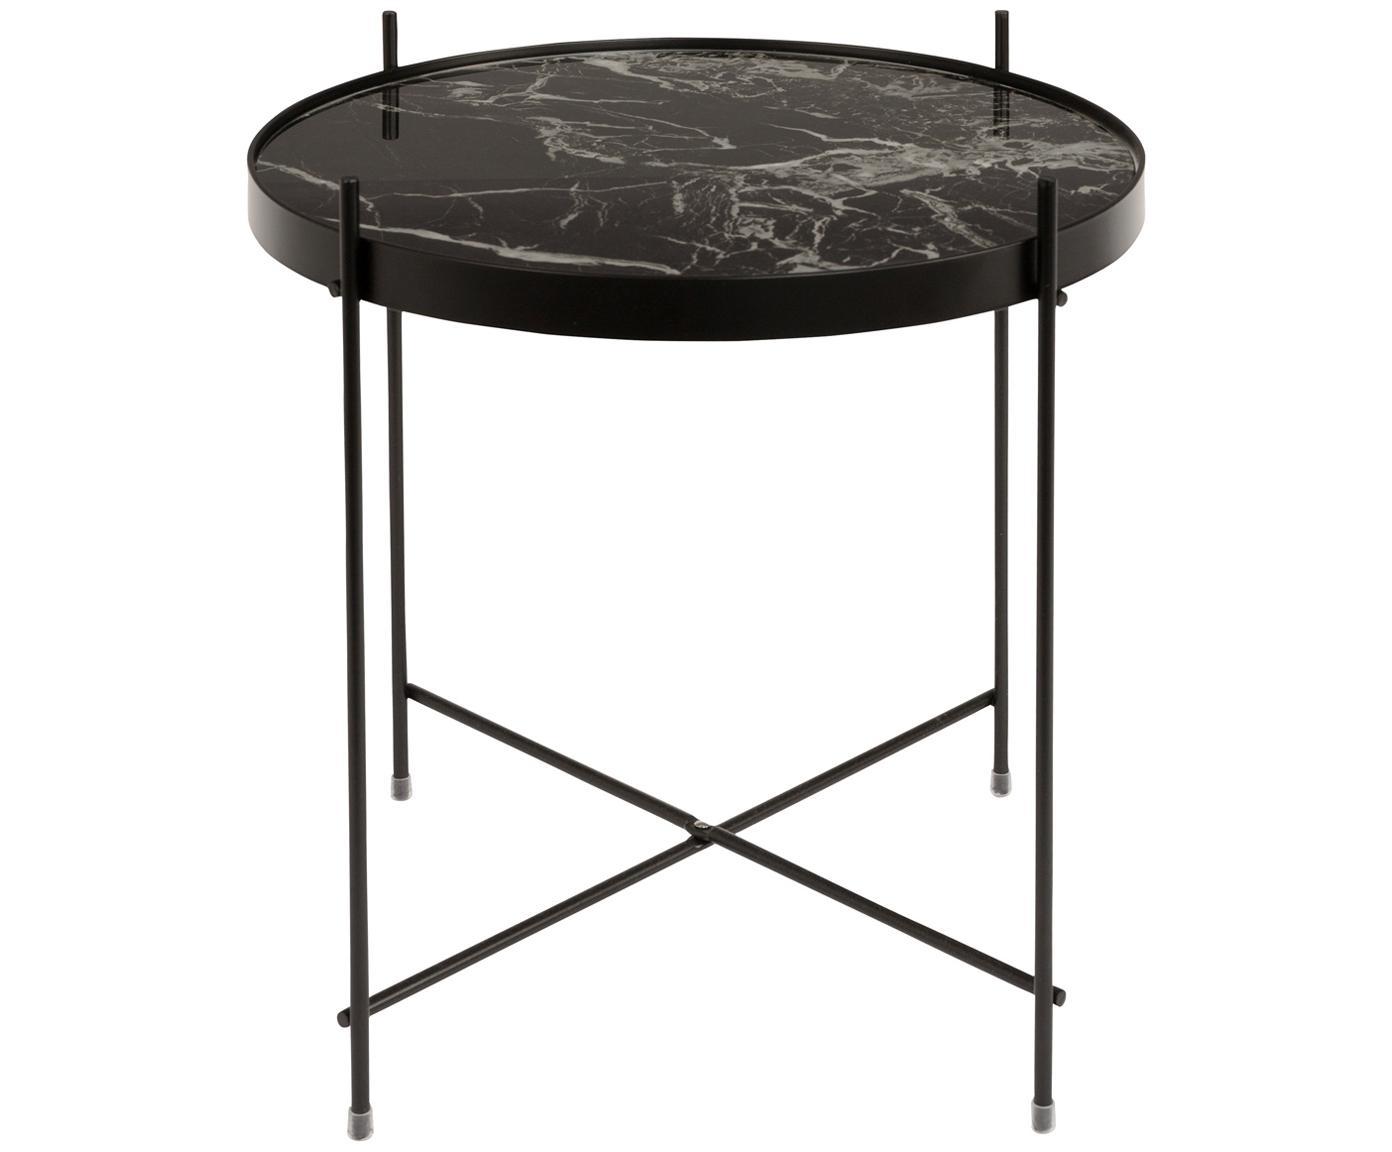 Stolik-taca Cupid, Stelaż: metal malowany proszkowo, Czarny, Ø 43 x W 45 cm